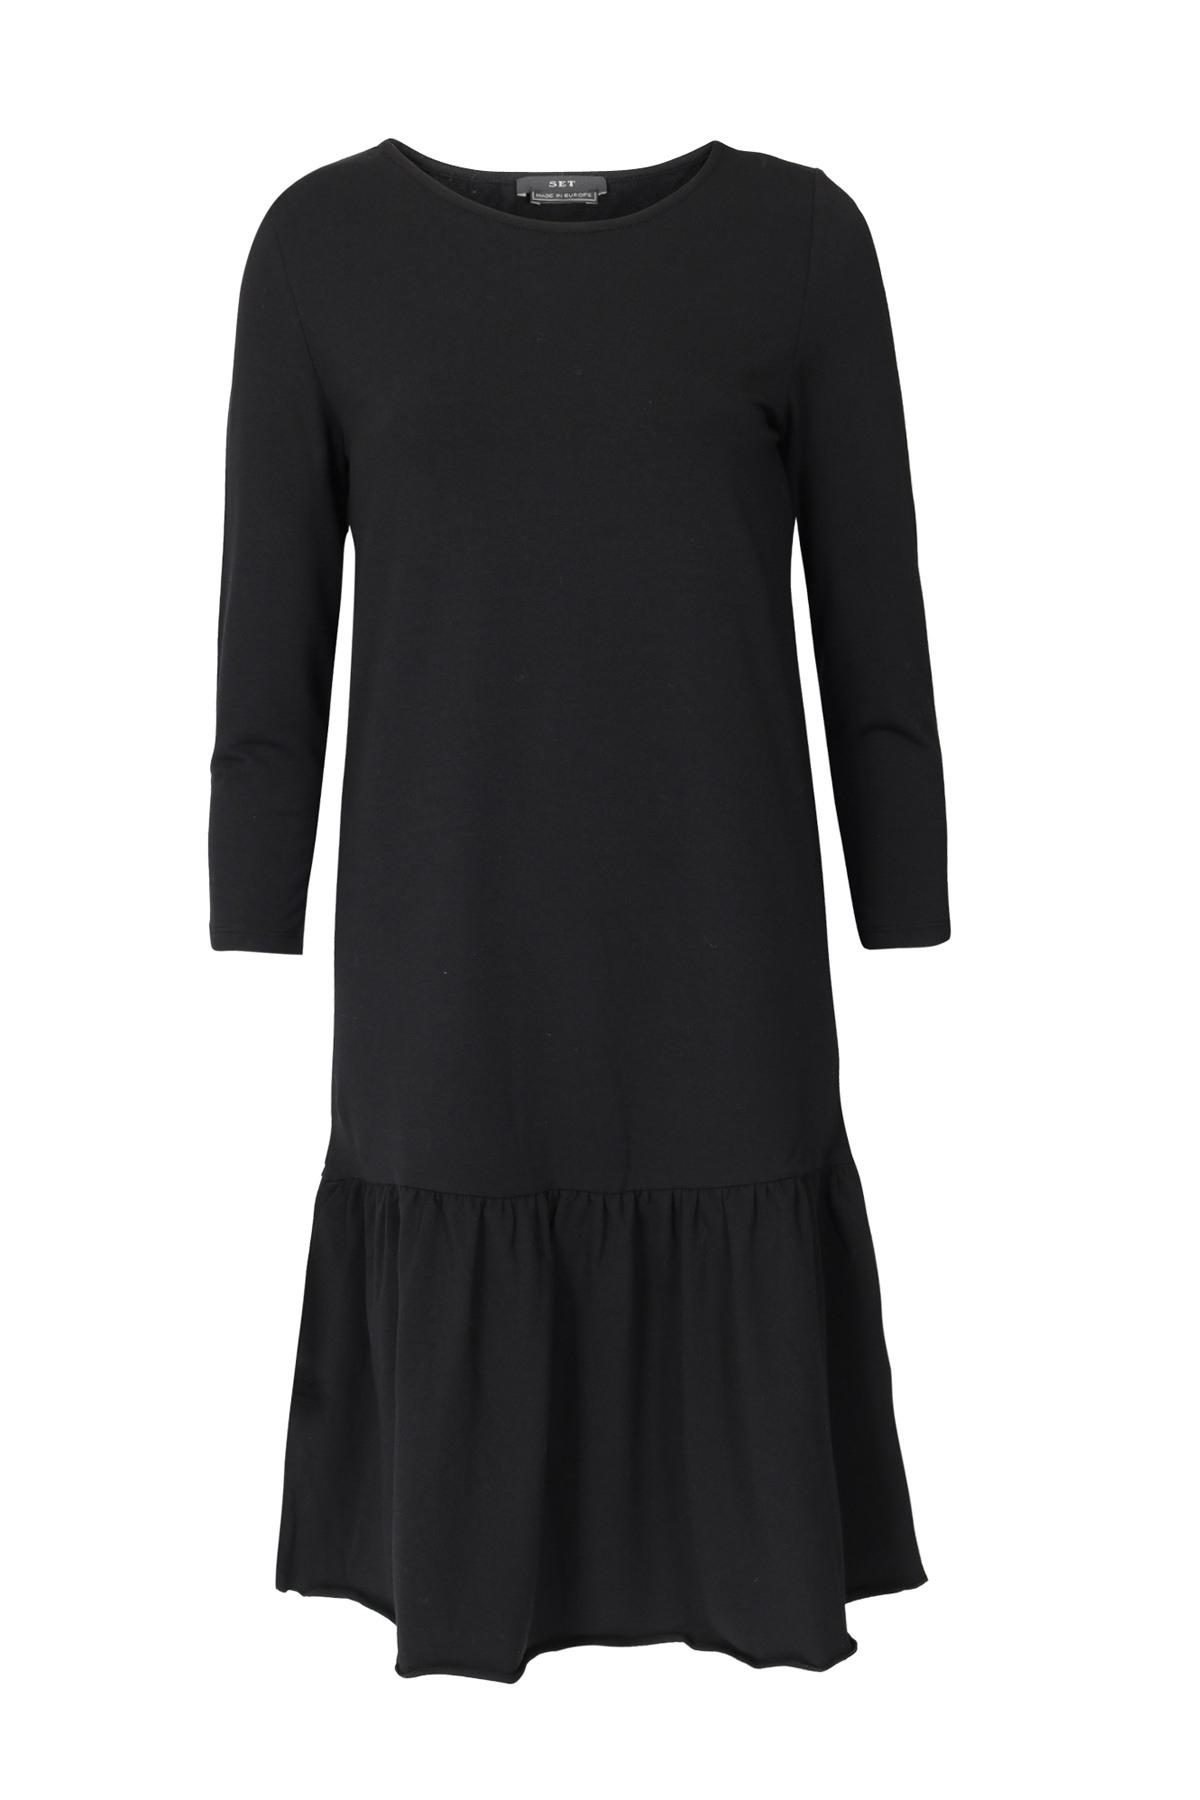 Schön Kleid Schwarz Baumwolle Ärmel20 Luxus Kleid Schwarz Baumwolle Bester Preis